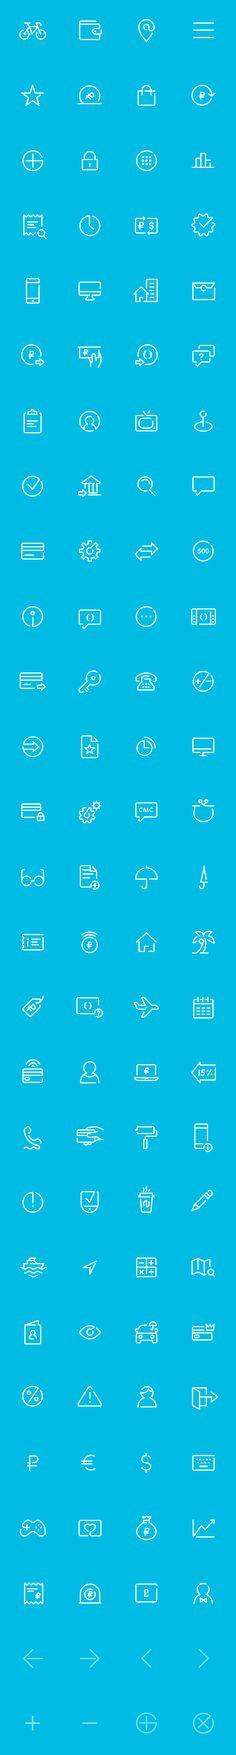 https://www.behance.net/gallery/19372147/Otkritie-Bank-Iconography